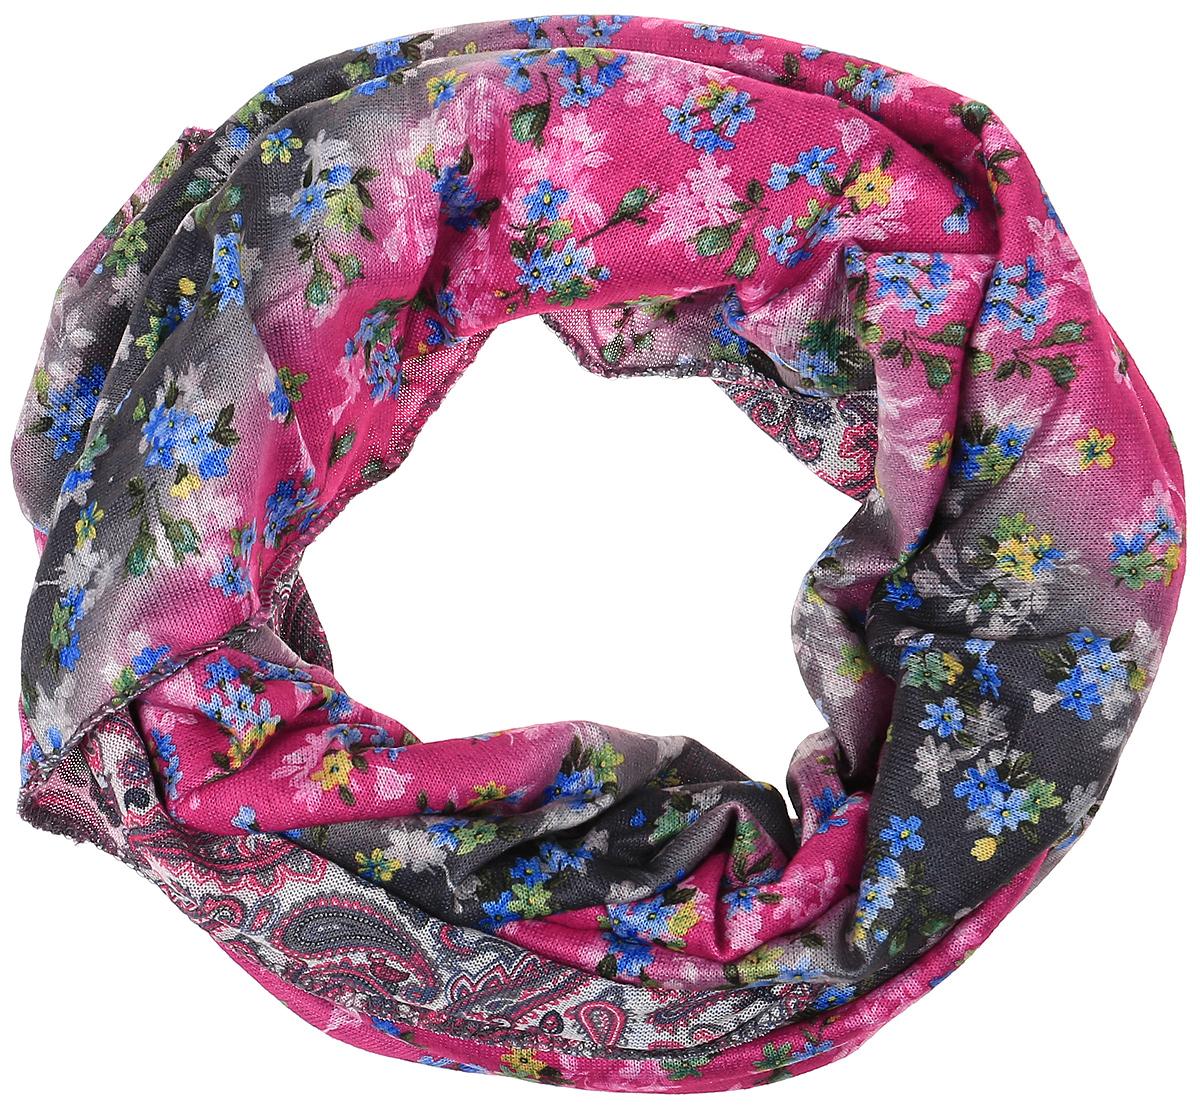 Снуд-хомут женский Vita Pelle, цвет: голубой, розовый. Ro01R2359-A3870-2. Размер 45 см х 70 смRo01R2359-A3870-2Легкий снуд-хомут от Vita Pelle выполнен из двустороннего трикотажного полотна и оформлен цветочным принтом. Кромка обработана оверлоком.